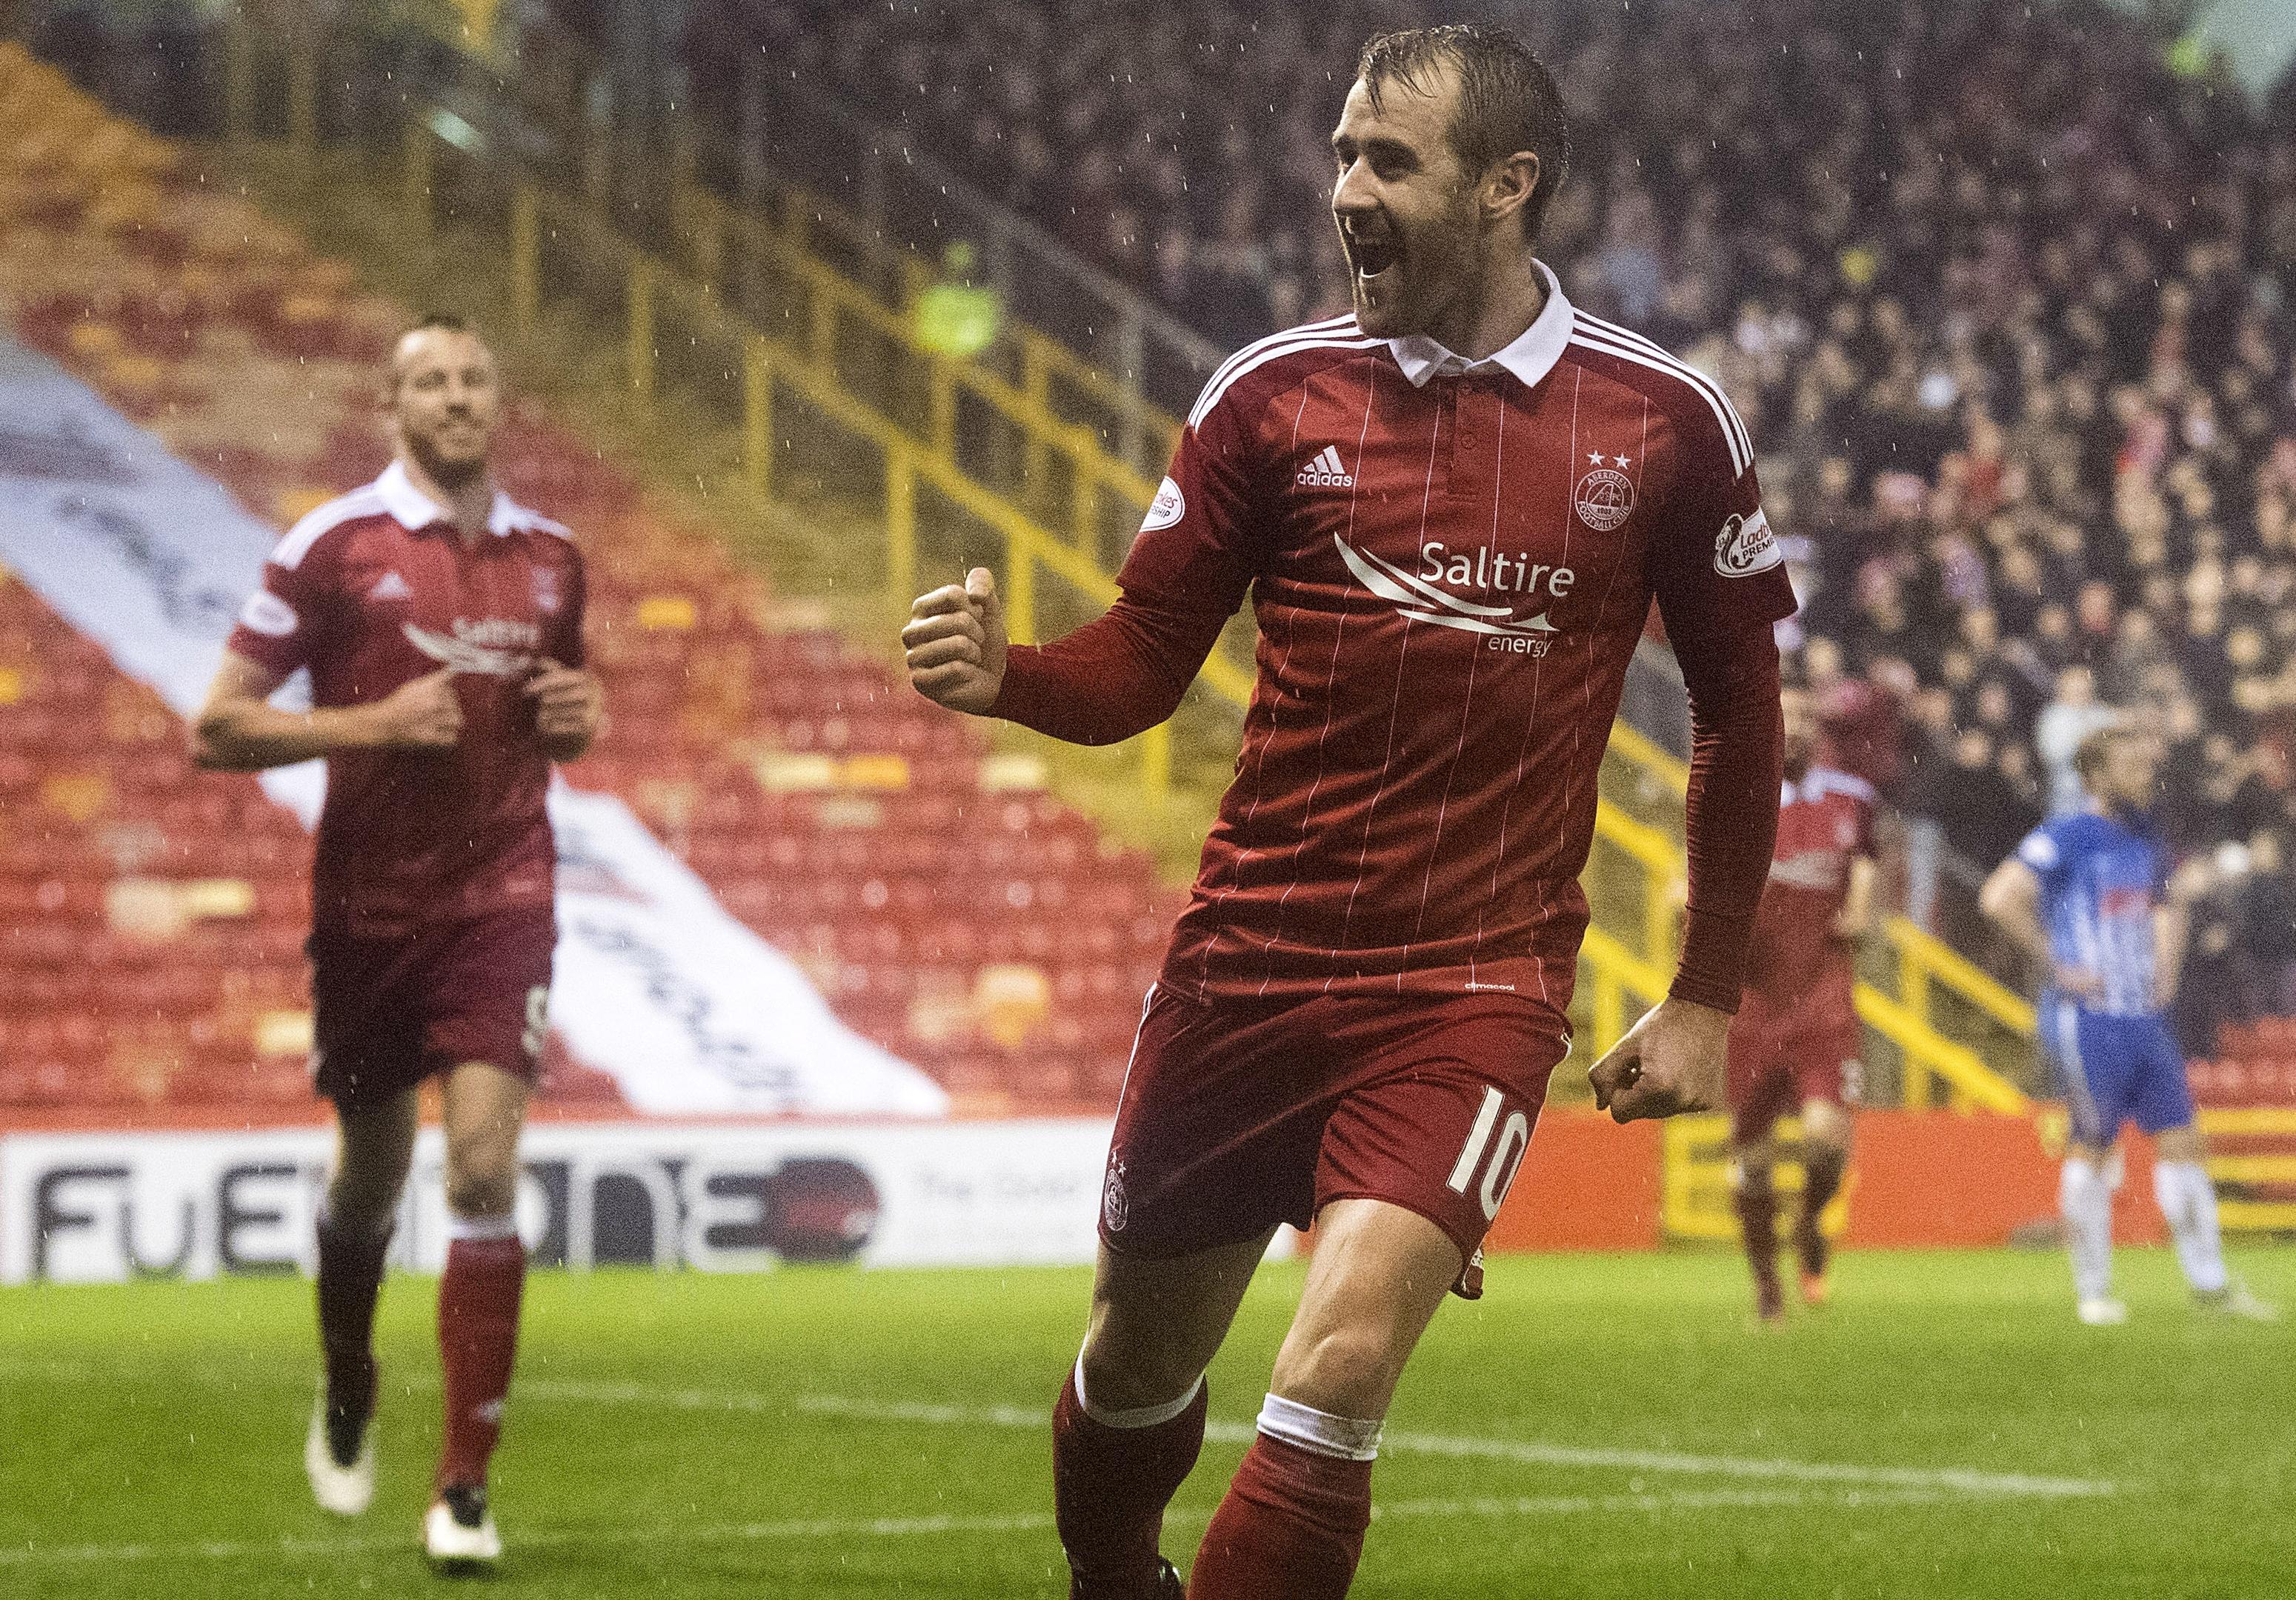 Aberdeen's Niall McGinn celebrates after scoring